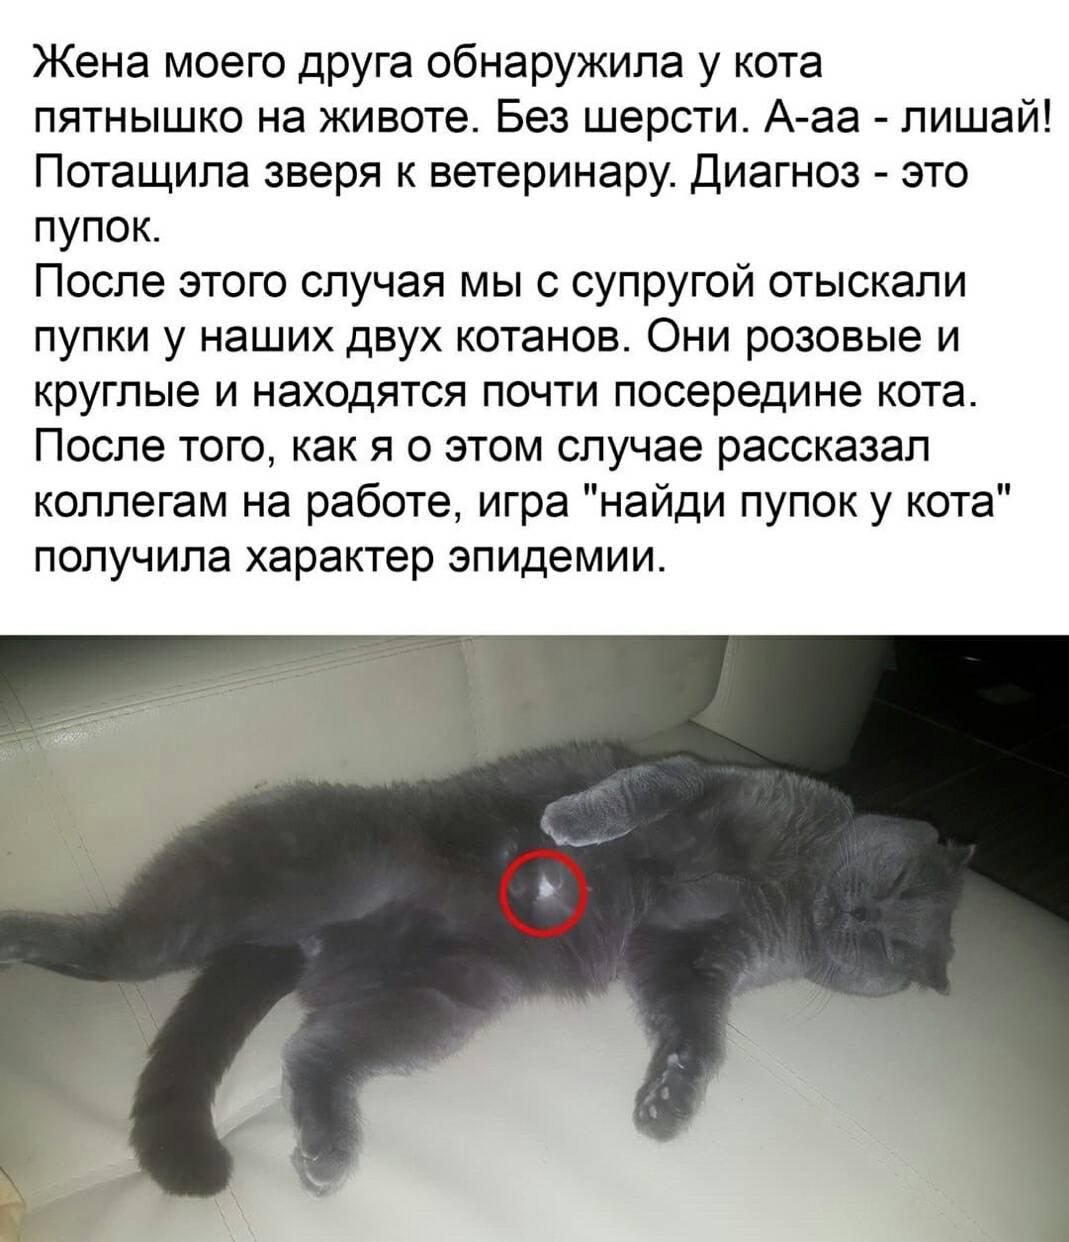 Есть ли у кошек пупок